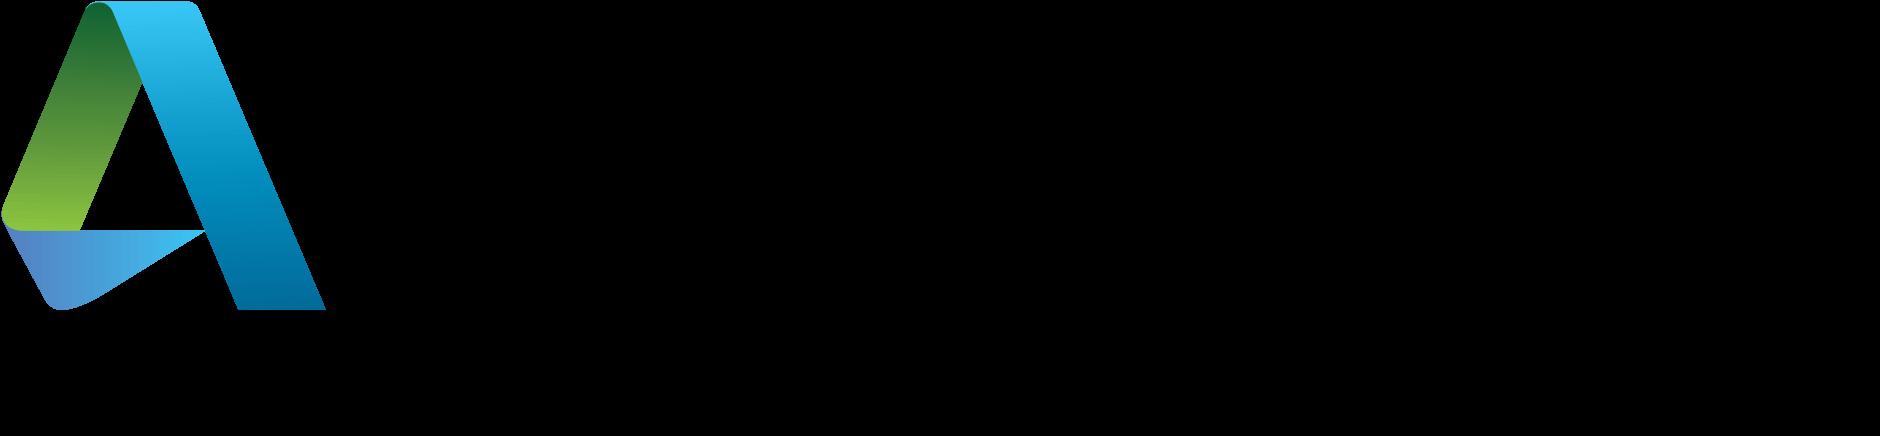 Autodesk authorized training Centre logo